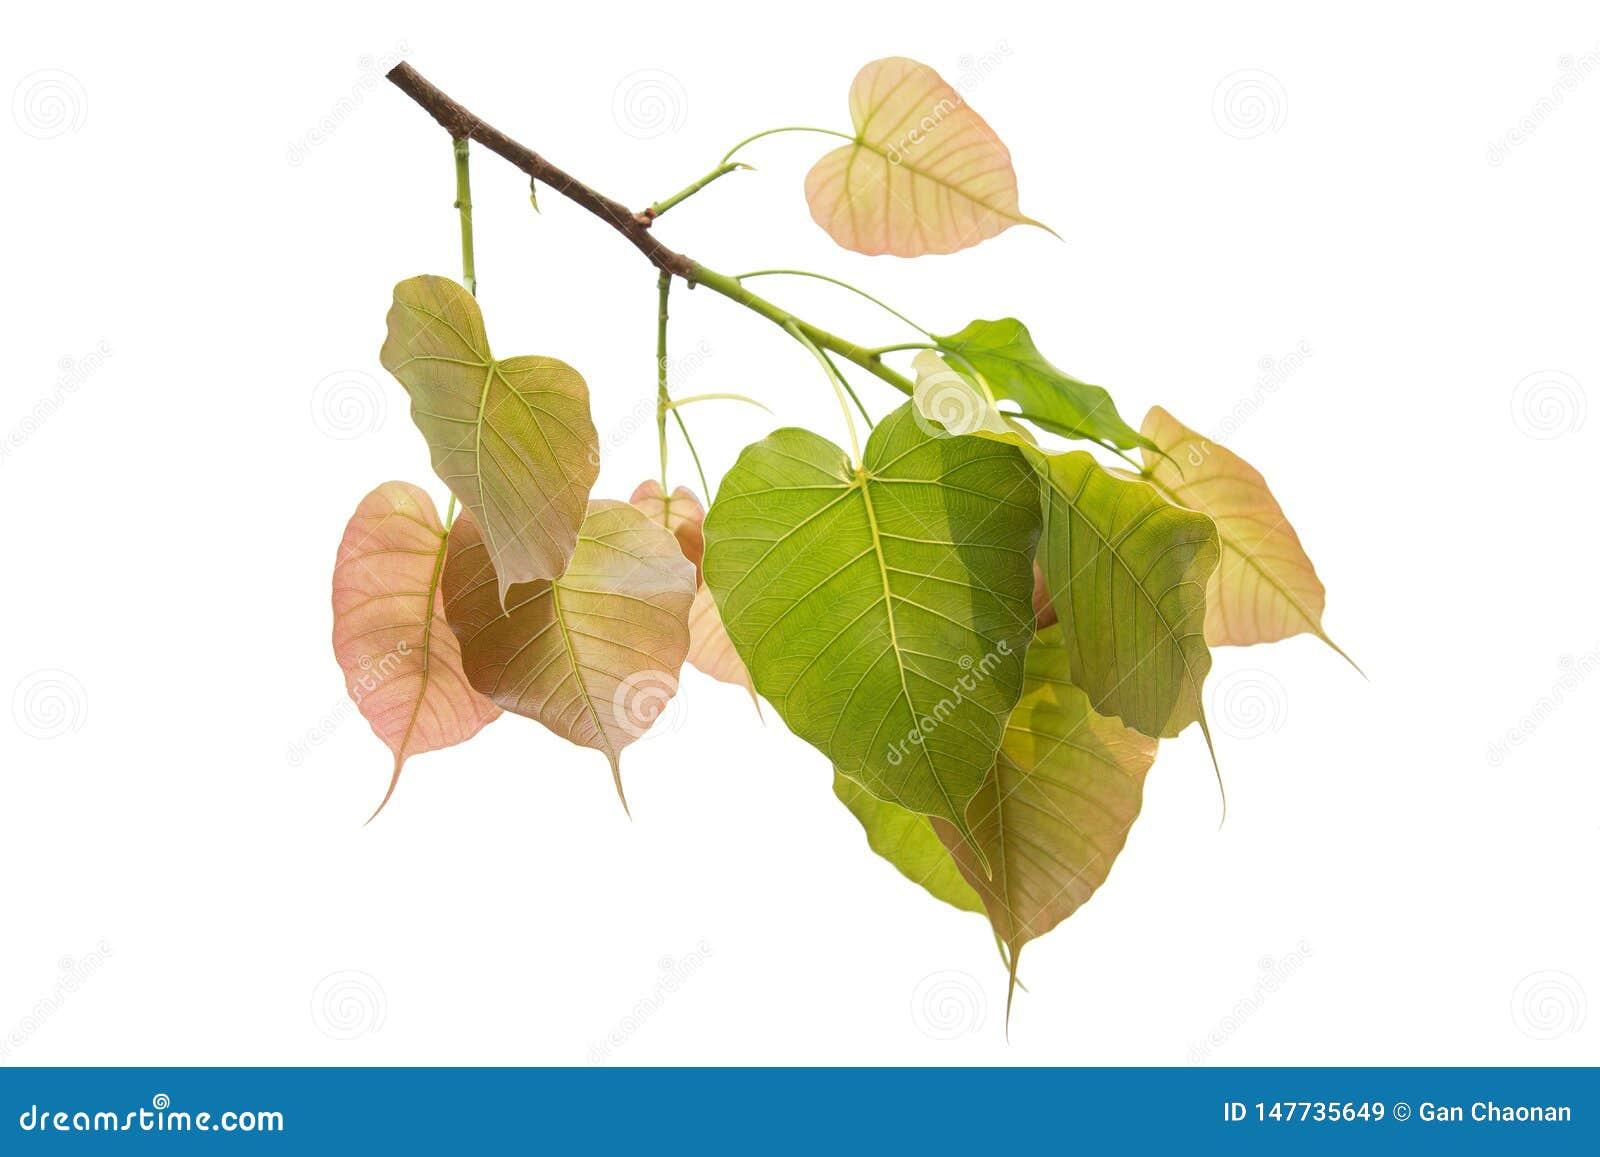 Bodhi verl?sst lokalisiert auf wei?em Hintergrund oder Peepal-Blatt vom Bodhi-Baum